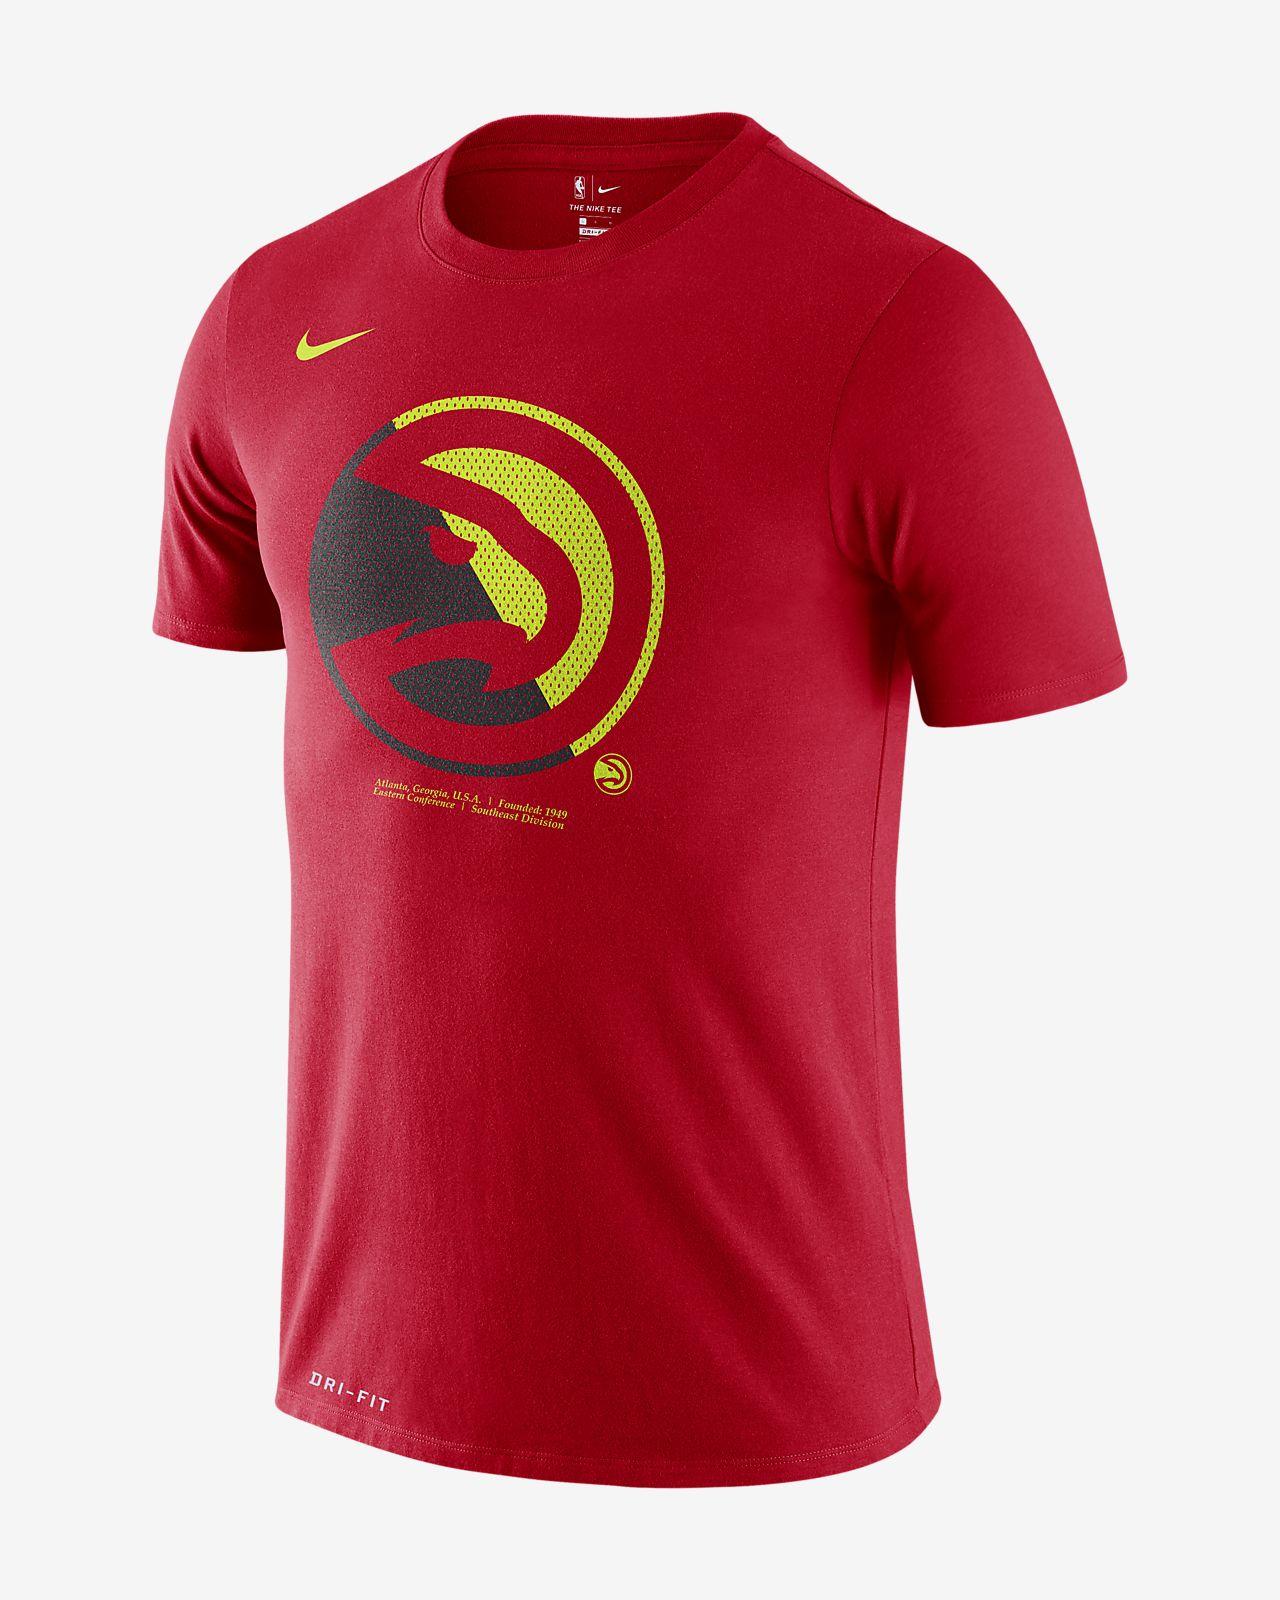 Atlanta Hawks Nike Dri-FIT Men's NBA T-Shirt